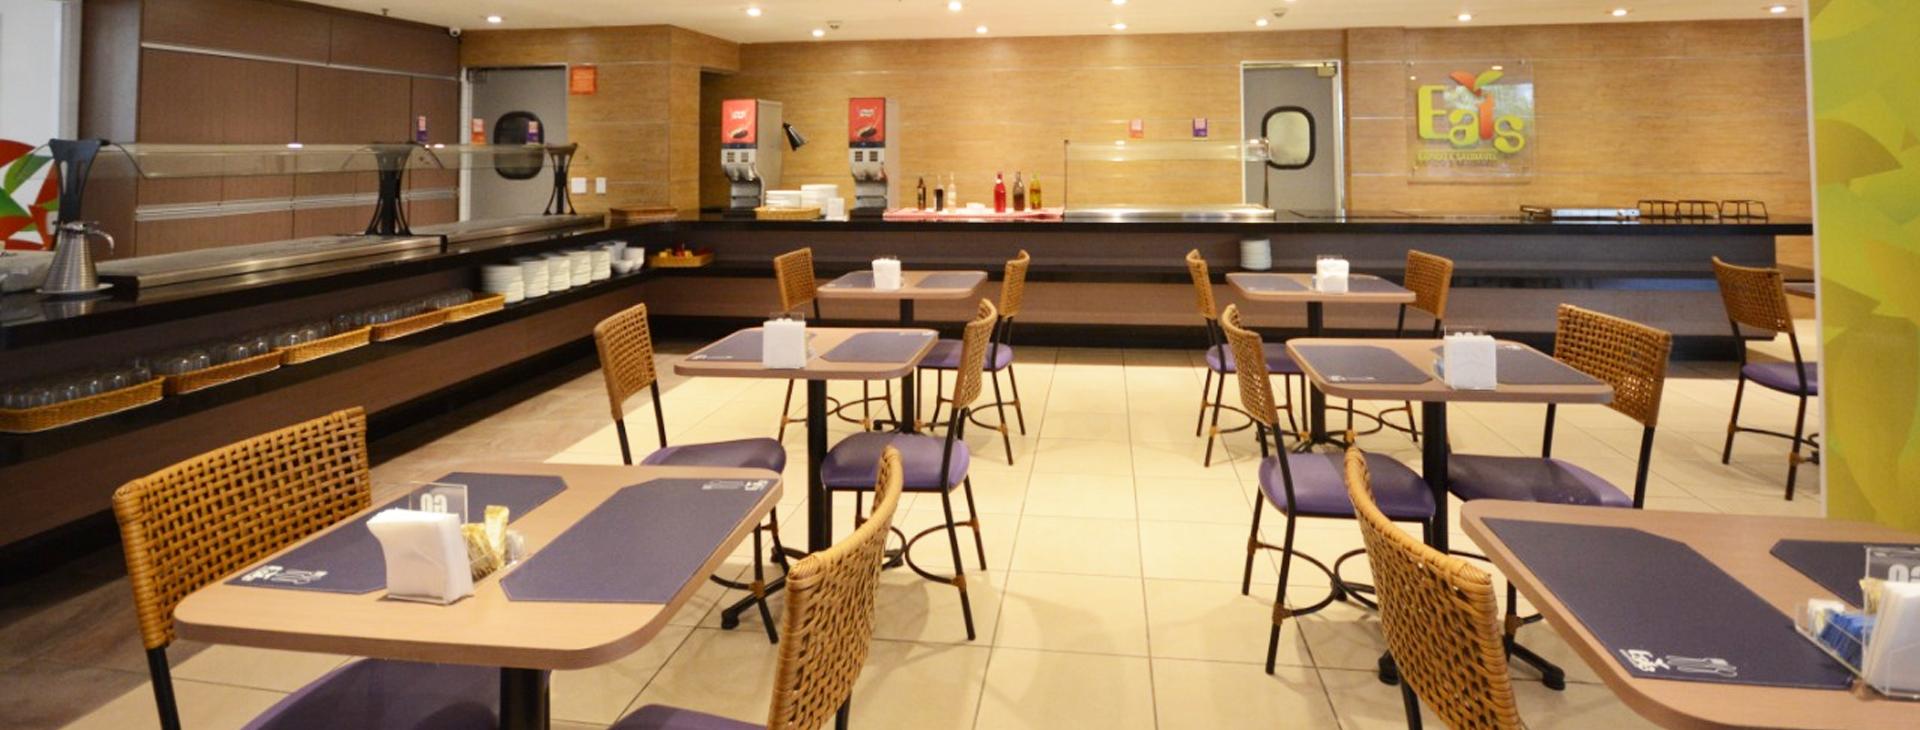 Obras Cozinhas e Restaurantes